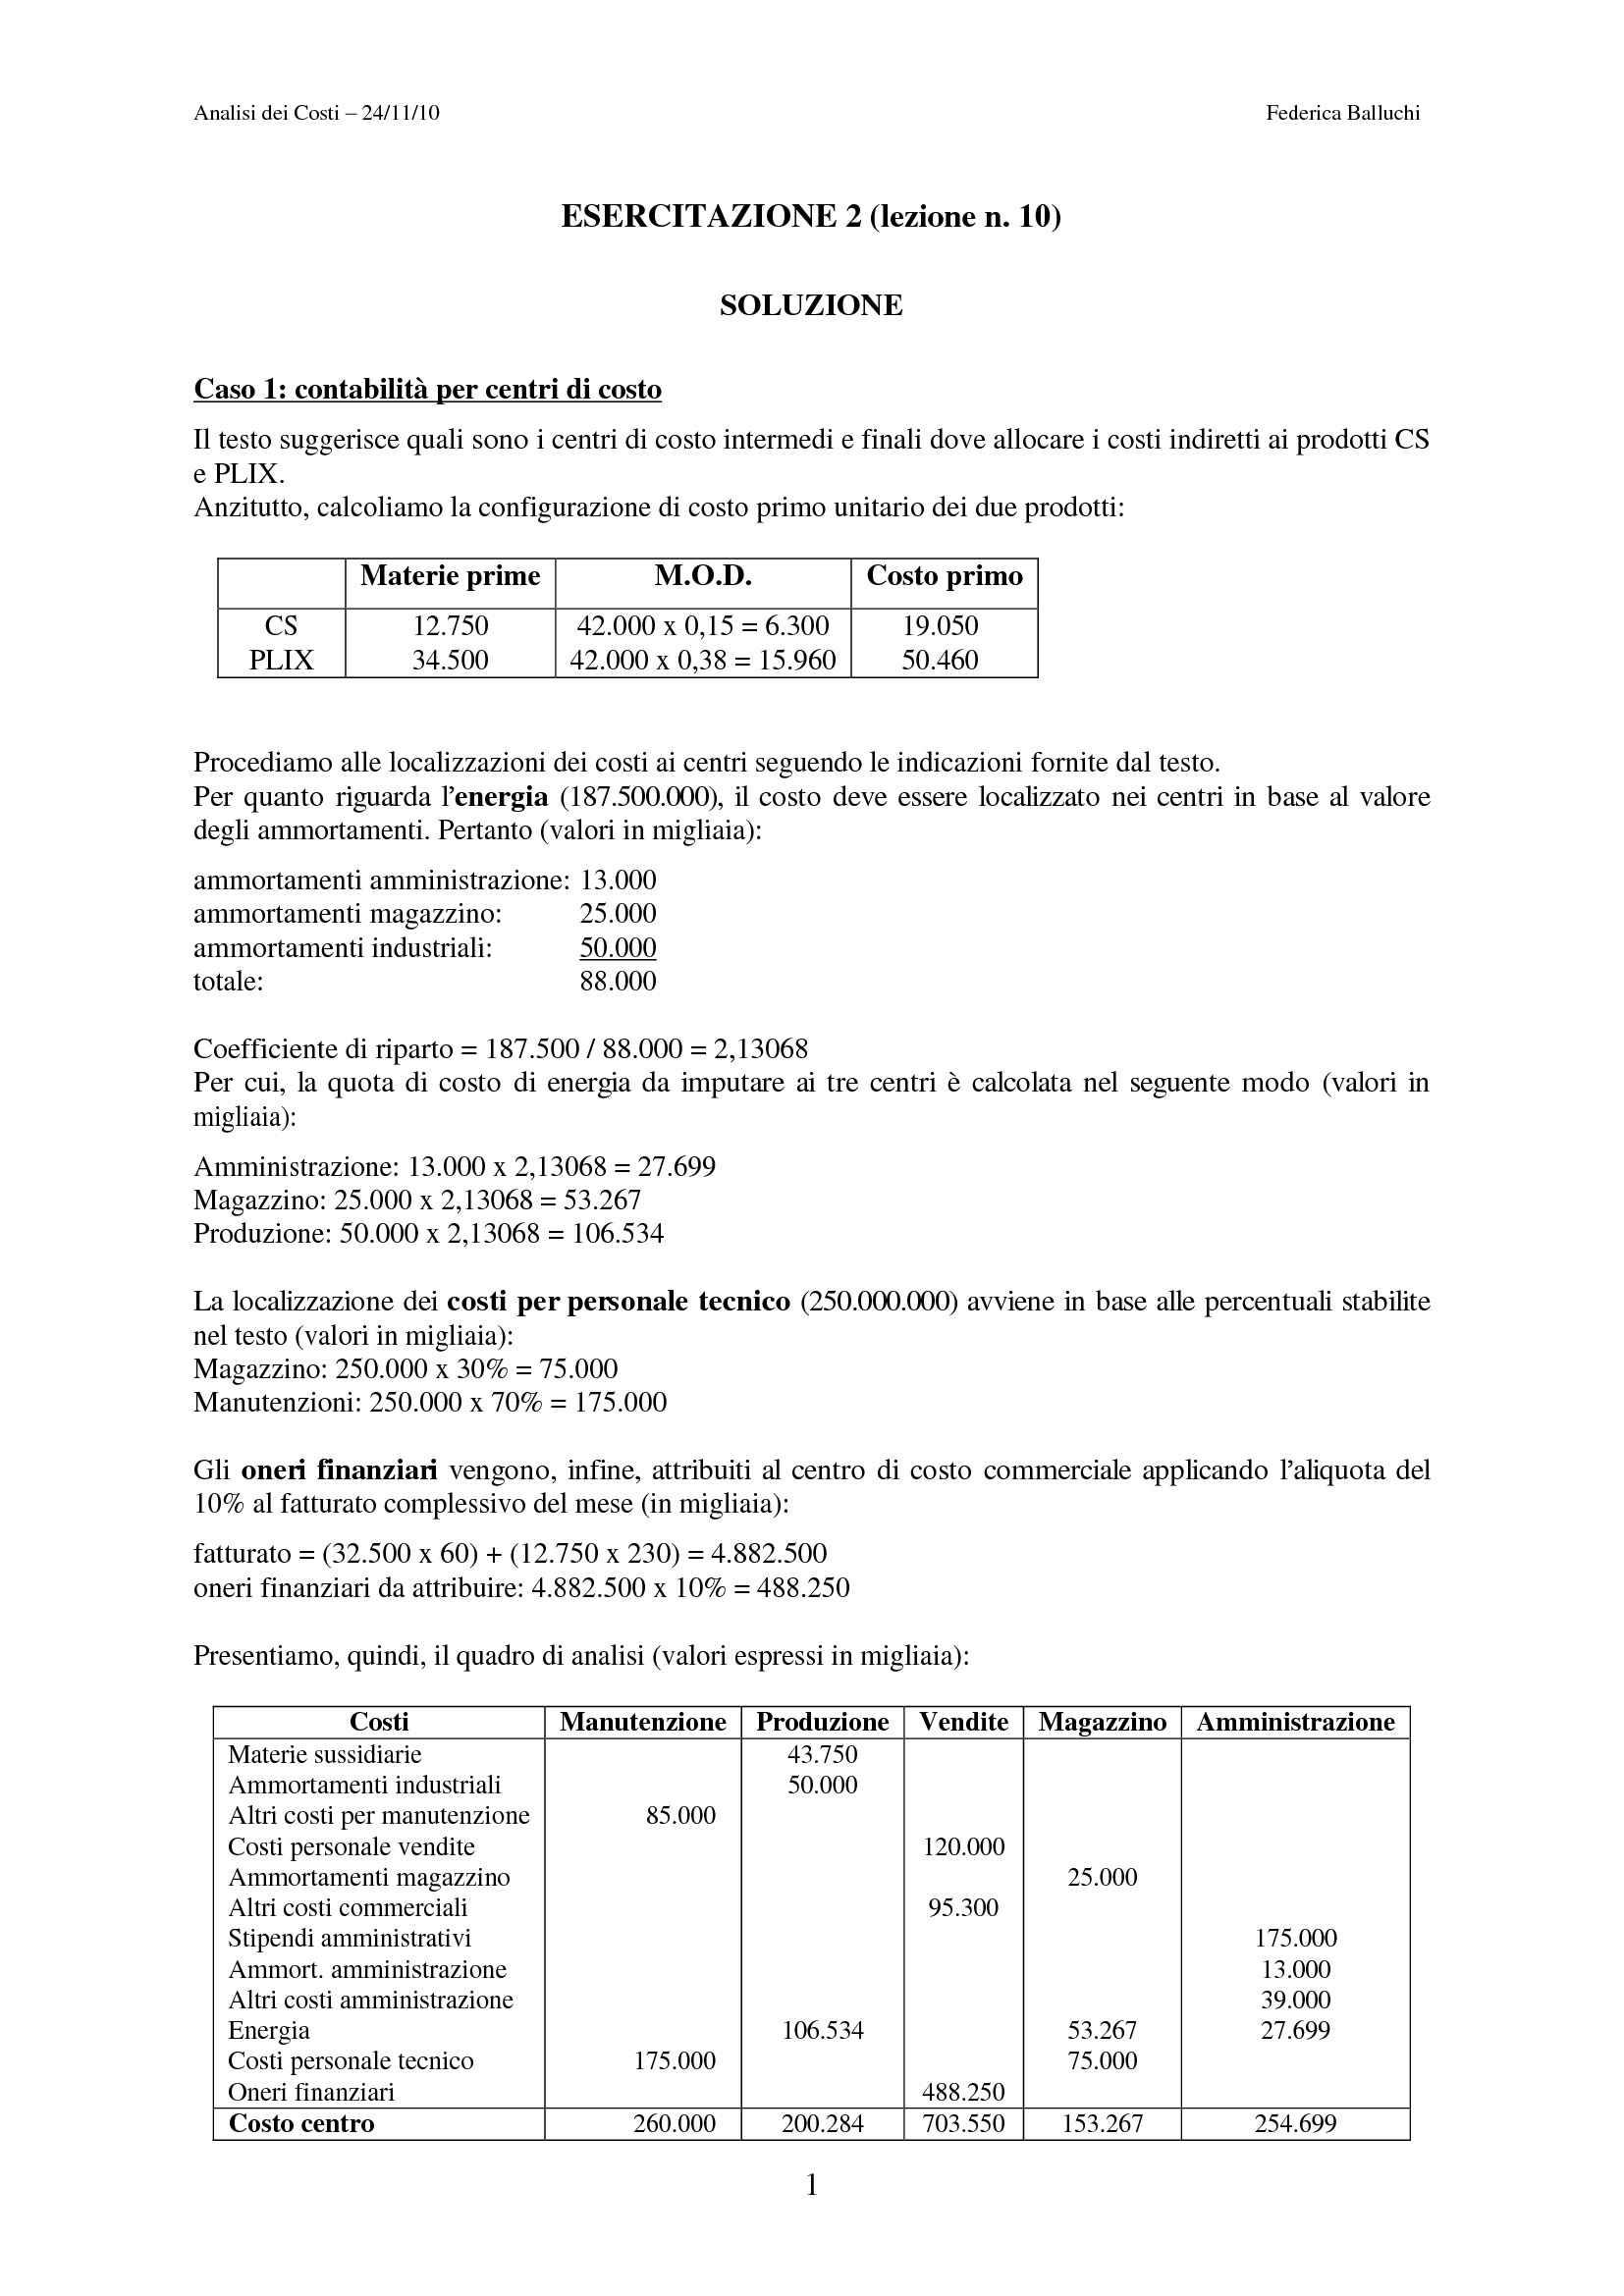 Analisi dei costi - Centri di costo